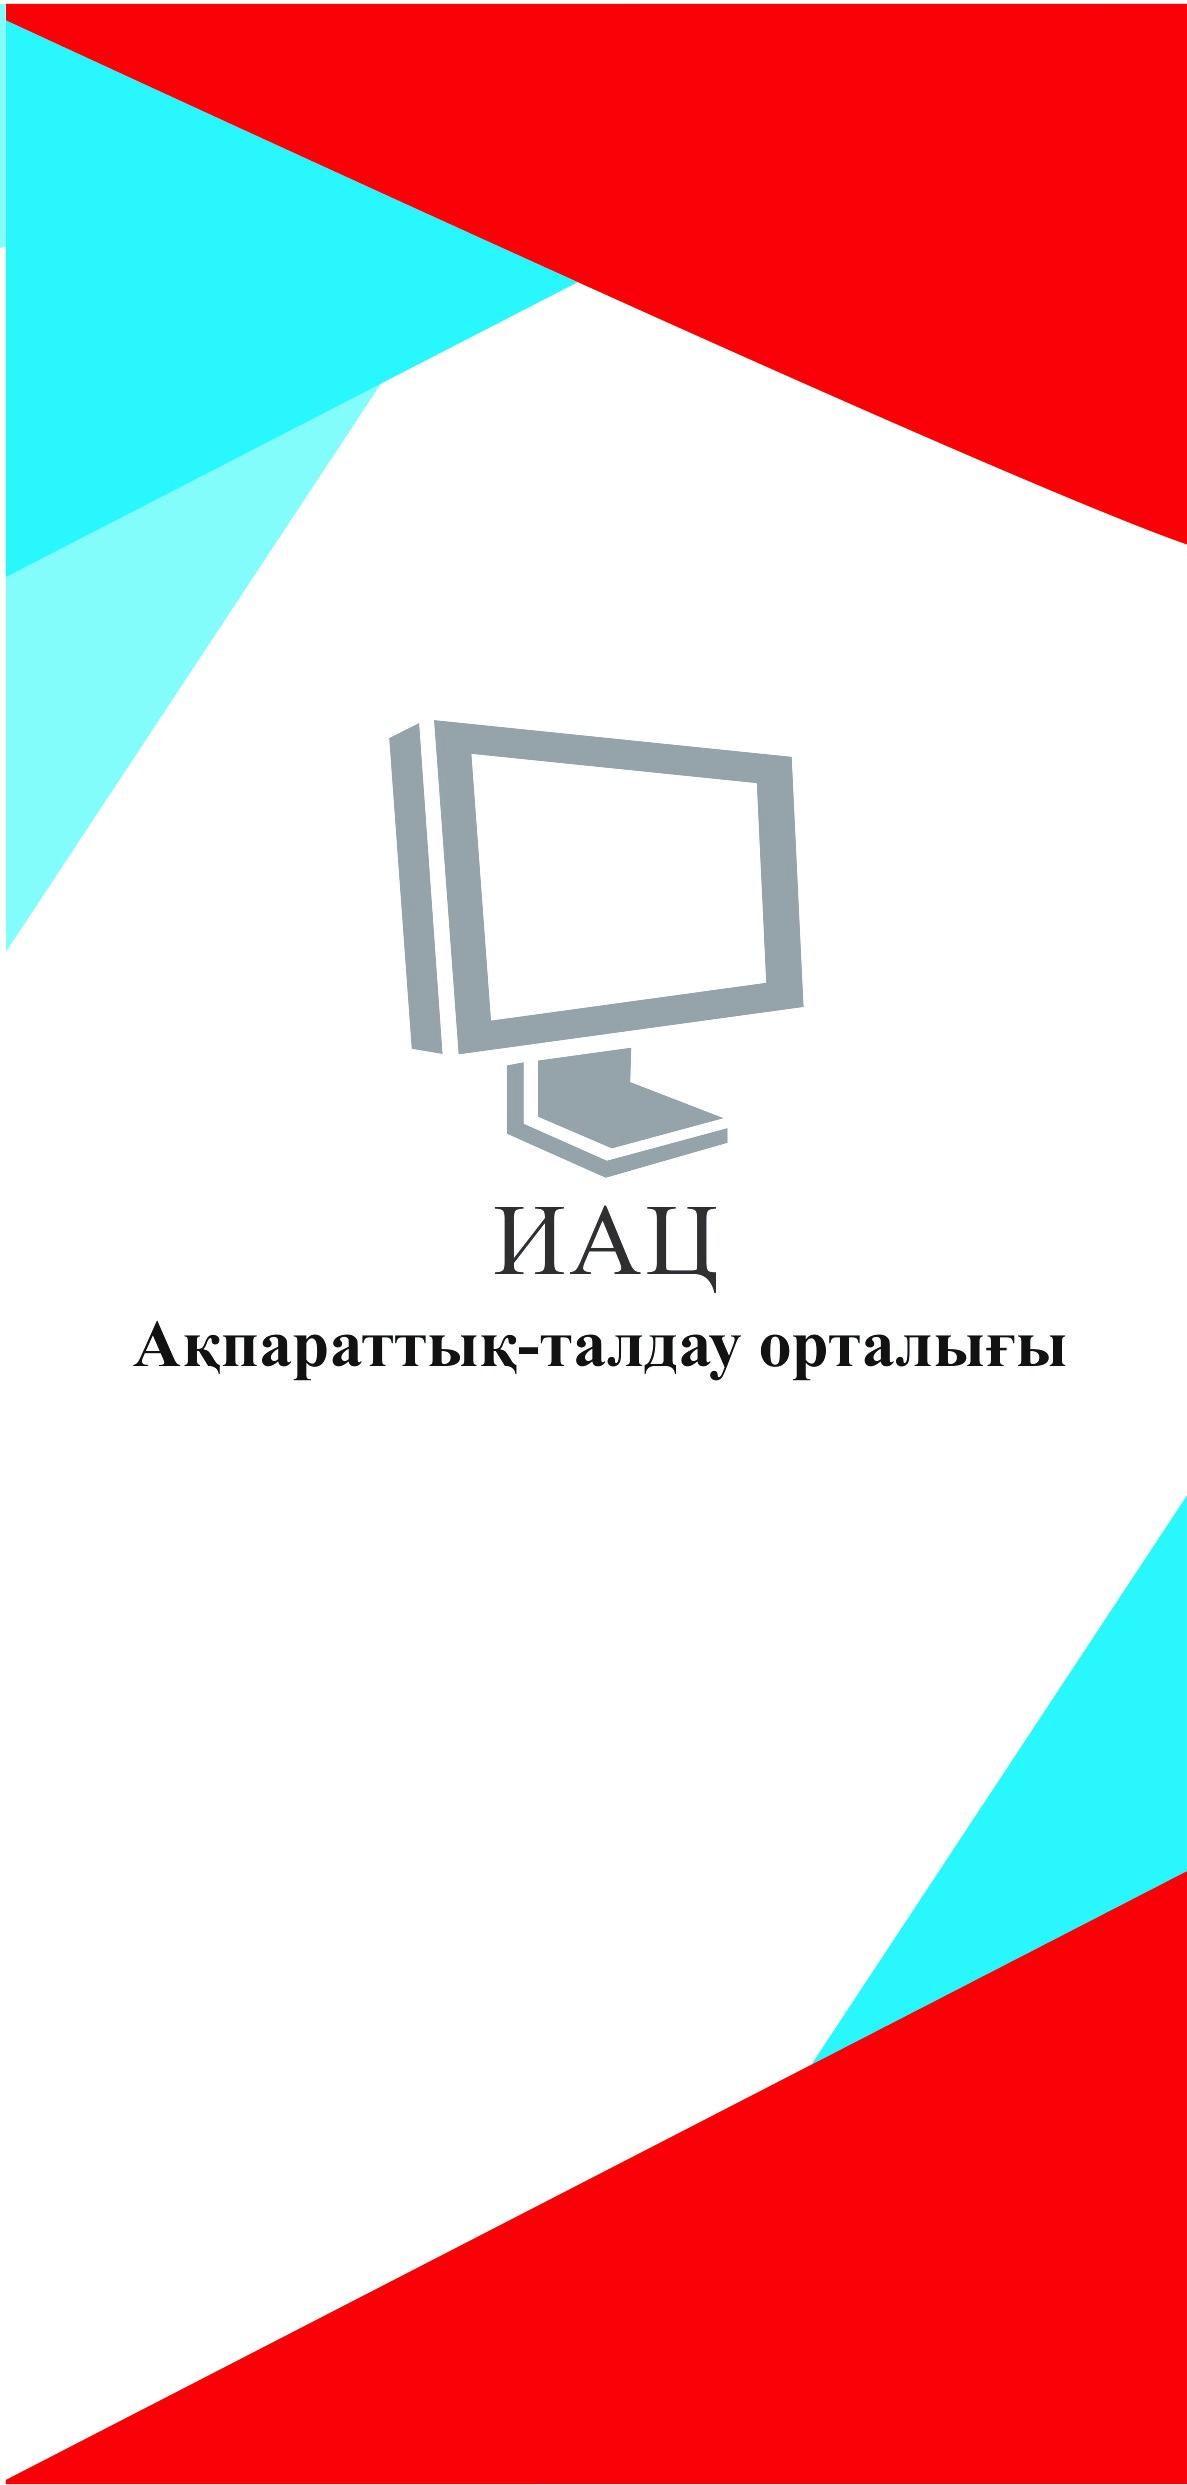 iac_kz